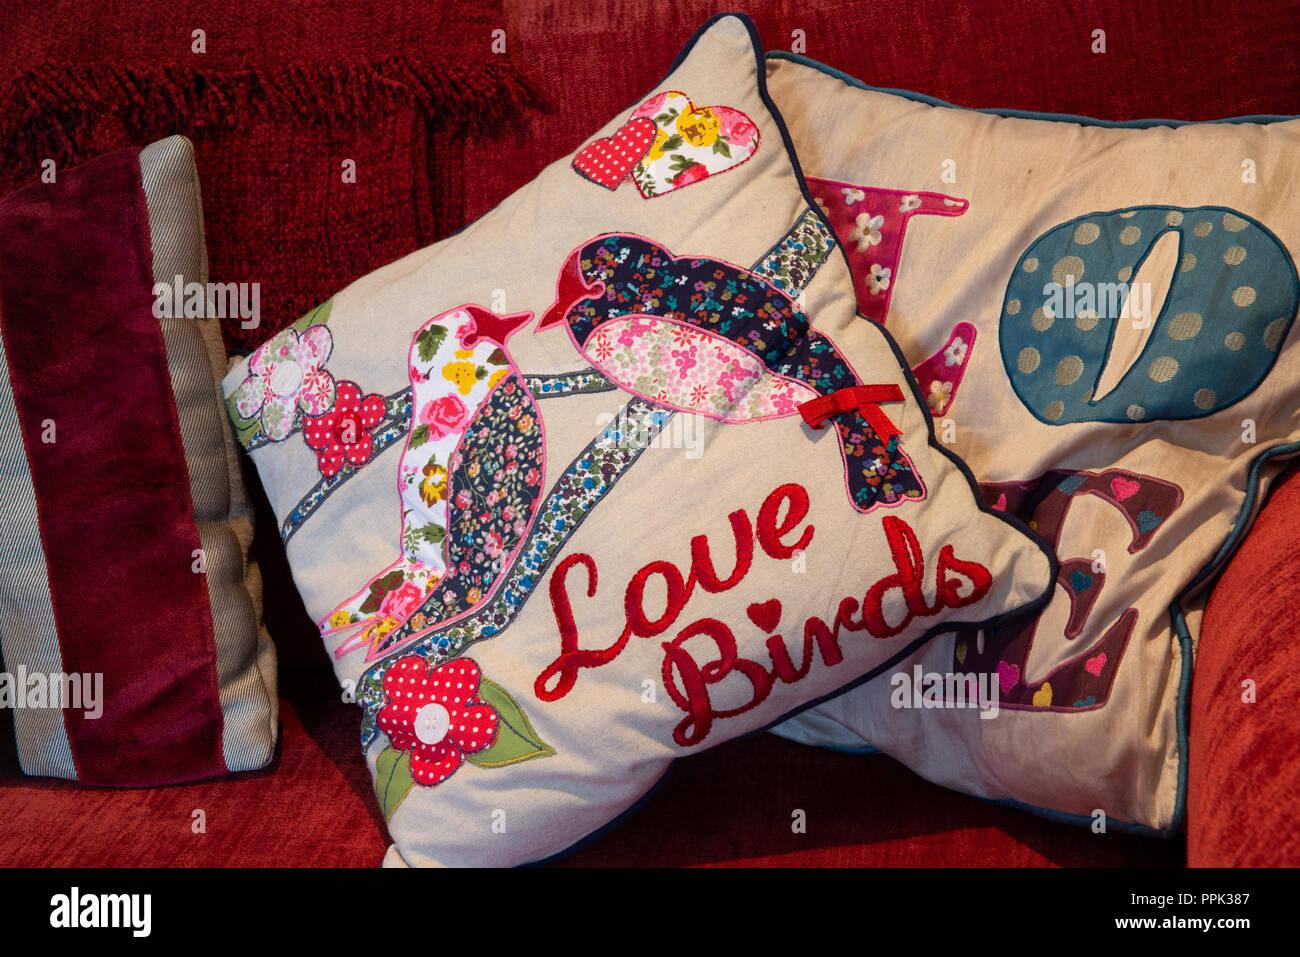 Fatto a mano arte popolare cuscini stile di lavoro appliqué e